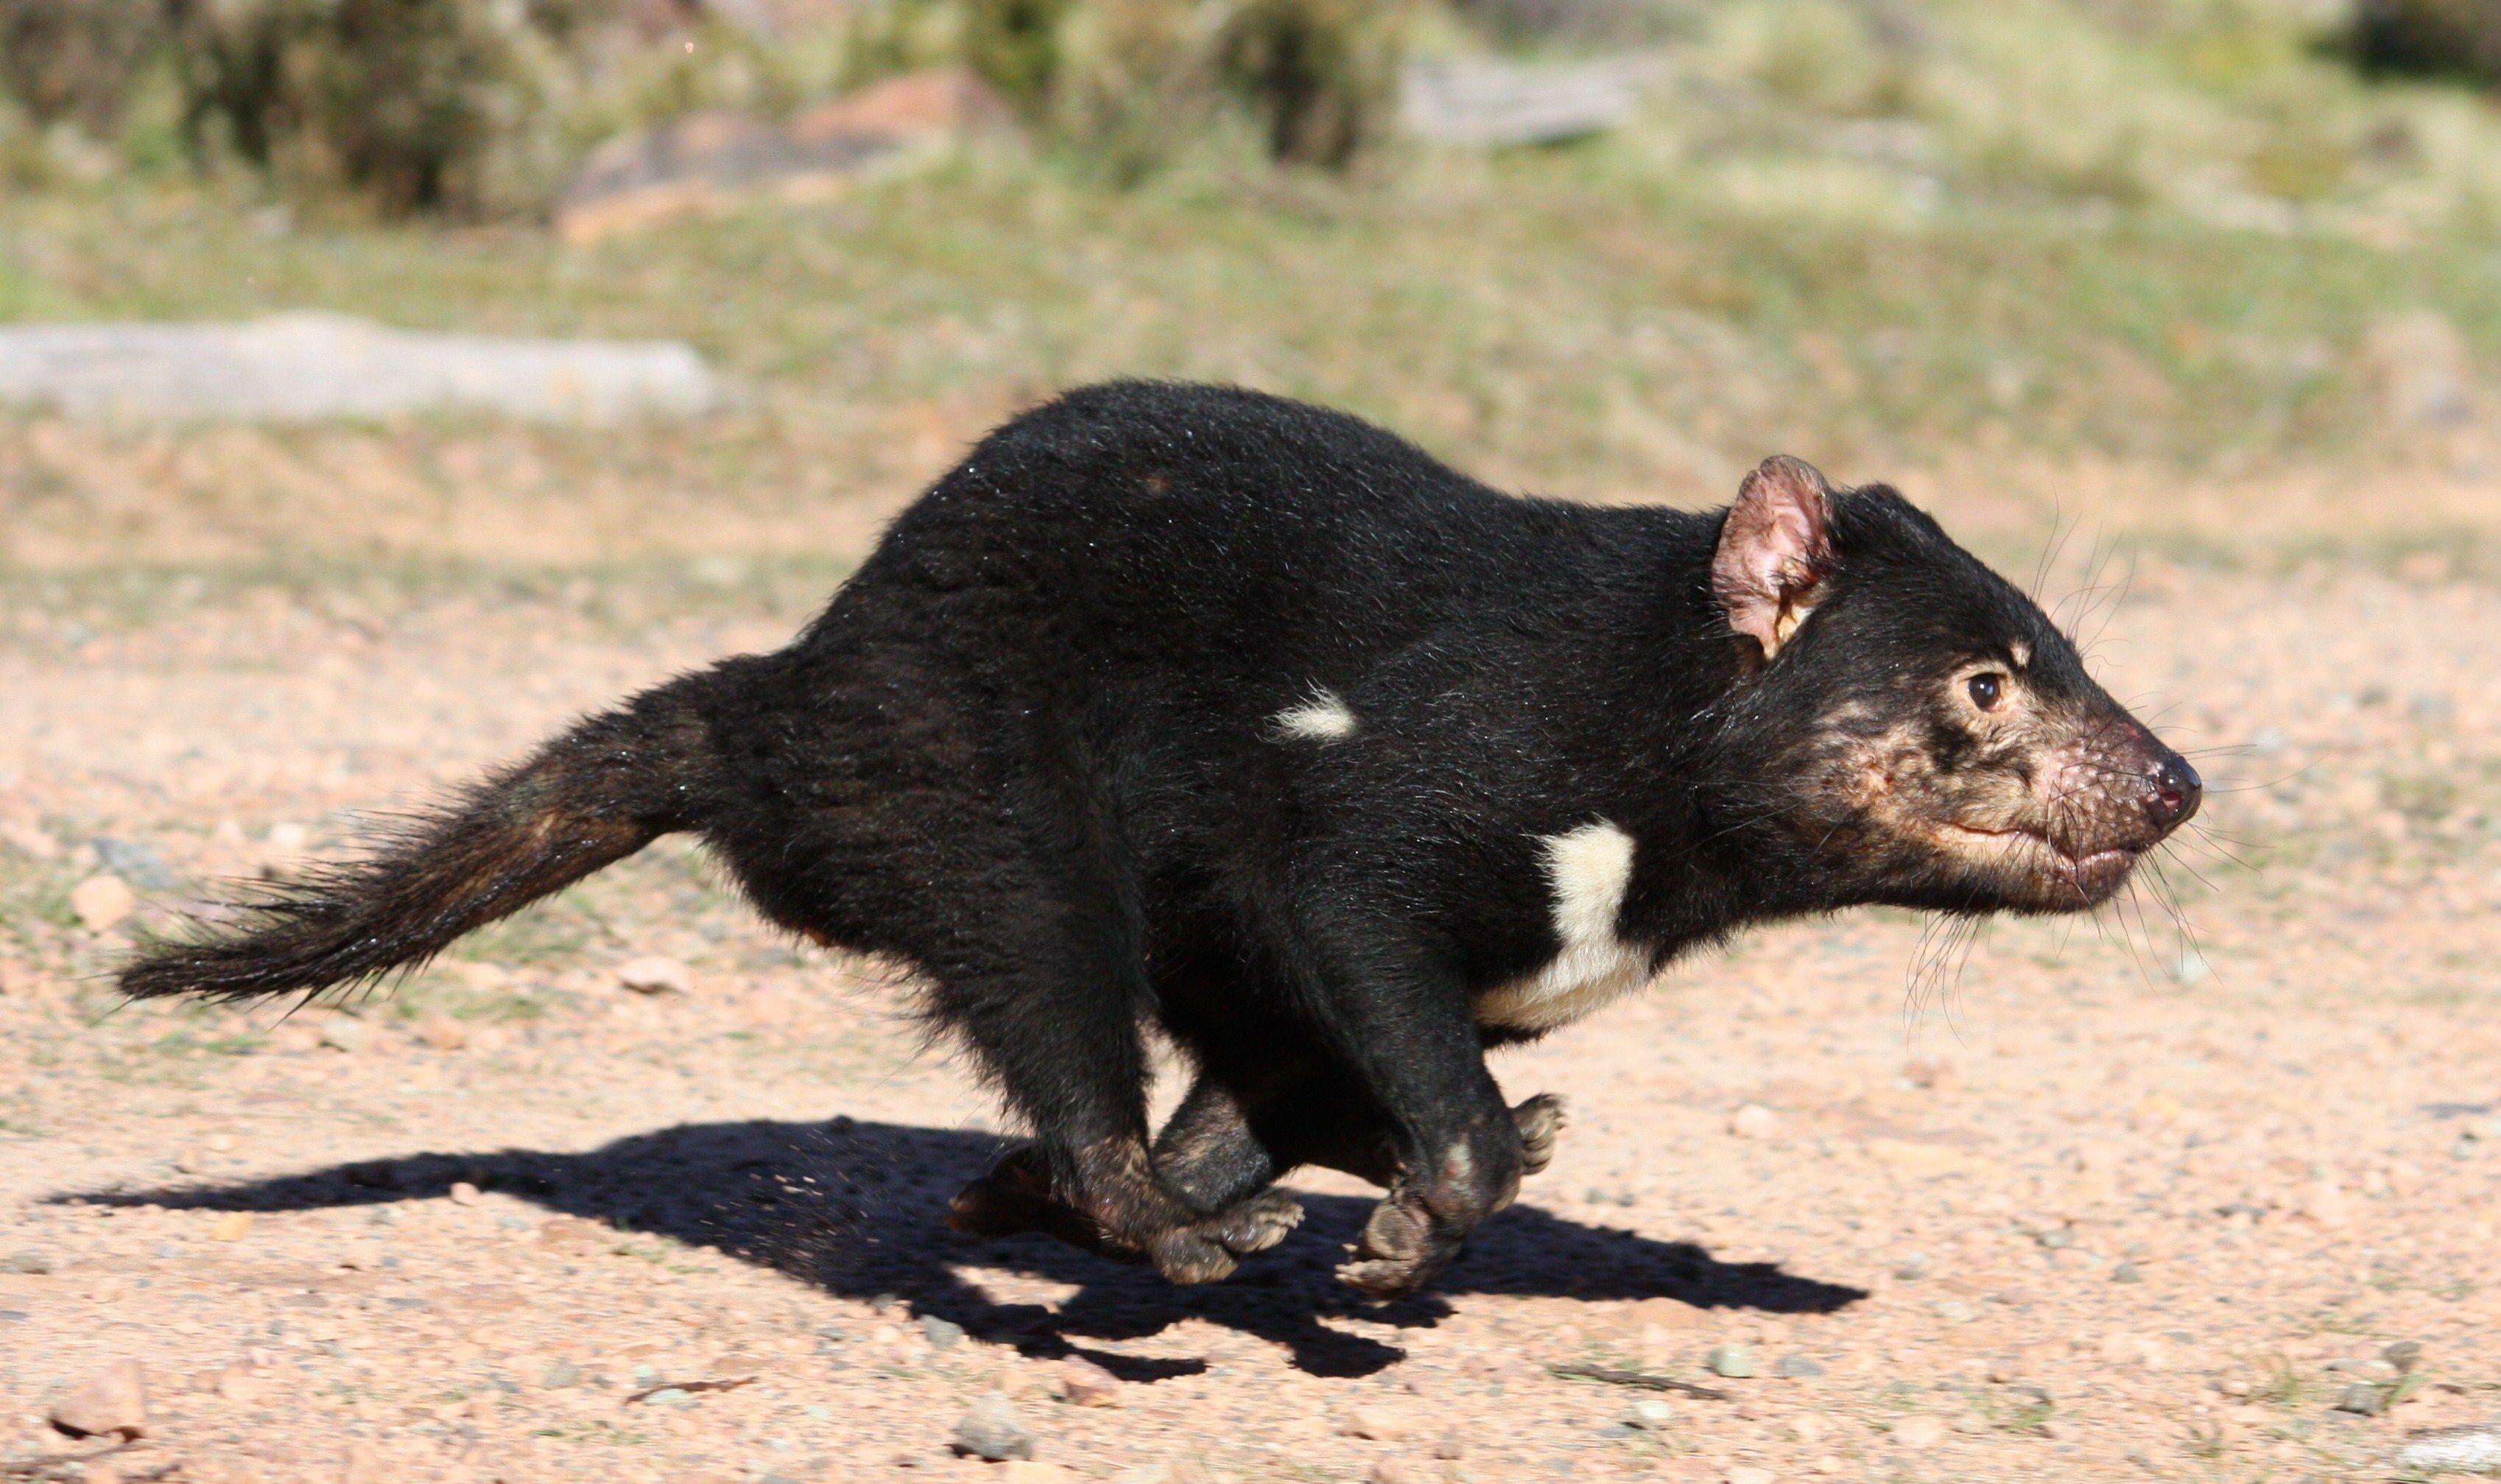 Tasmanian Devil Wallpapers Hd